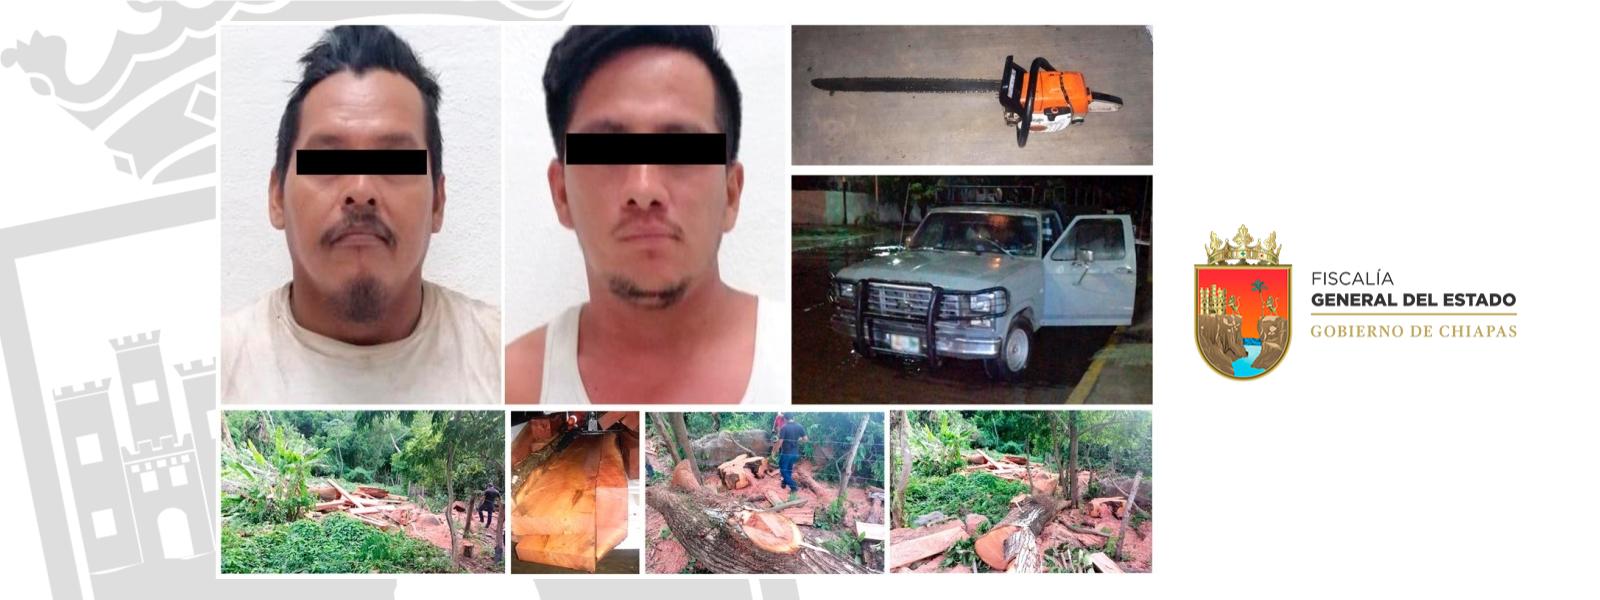 FOTO Chiapas sentencia a 2 hombres a sembrar árboles por ecocidio (Fiscalía de Chiapas)